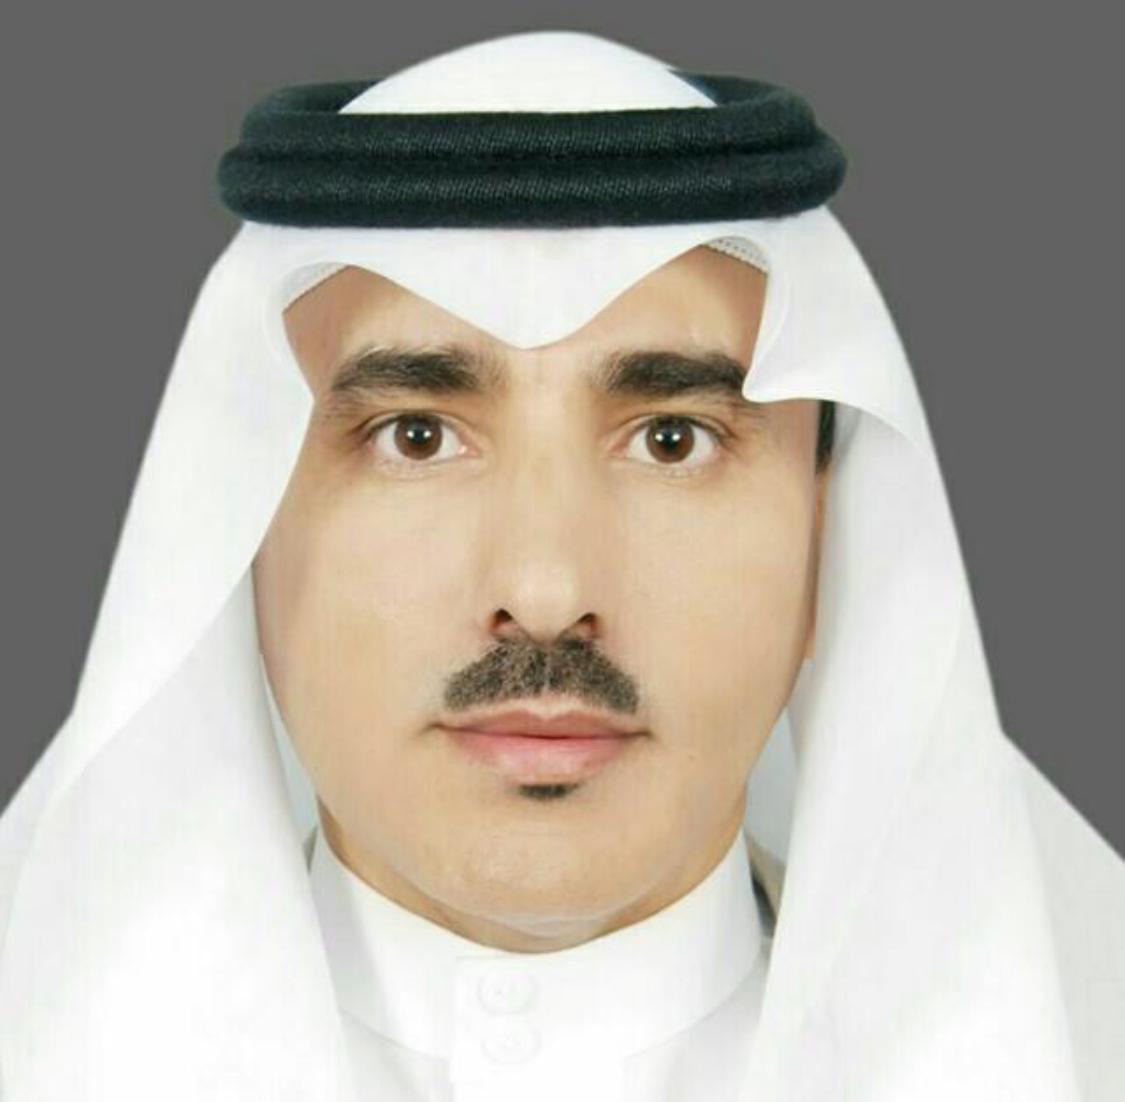 ياسمو الأمير ..معالي الوزير !!